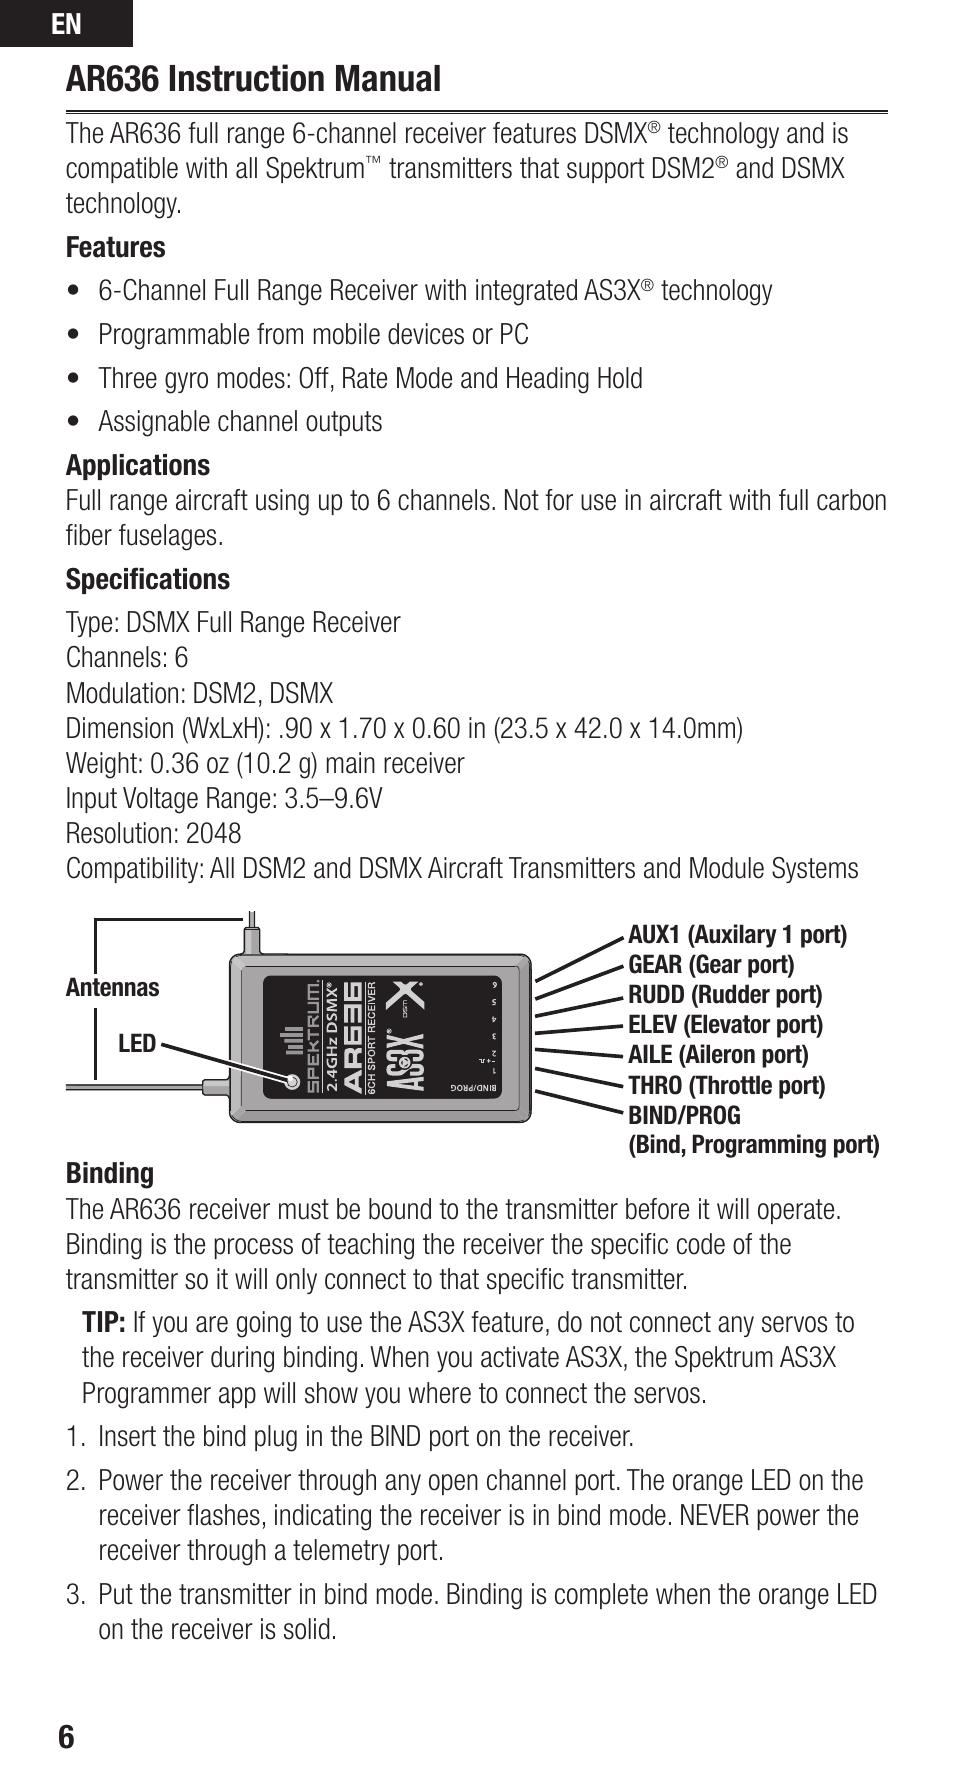 Ar636 instruction manual | Spektrum SPMAR636 User Guide User